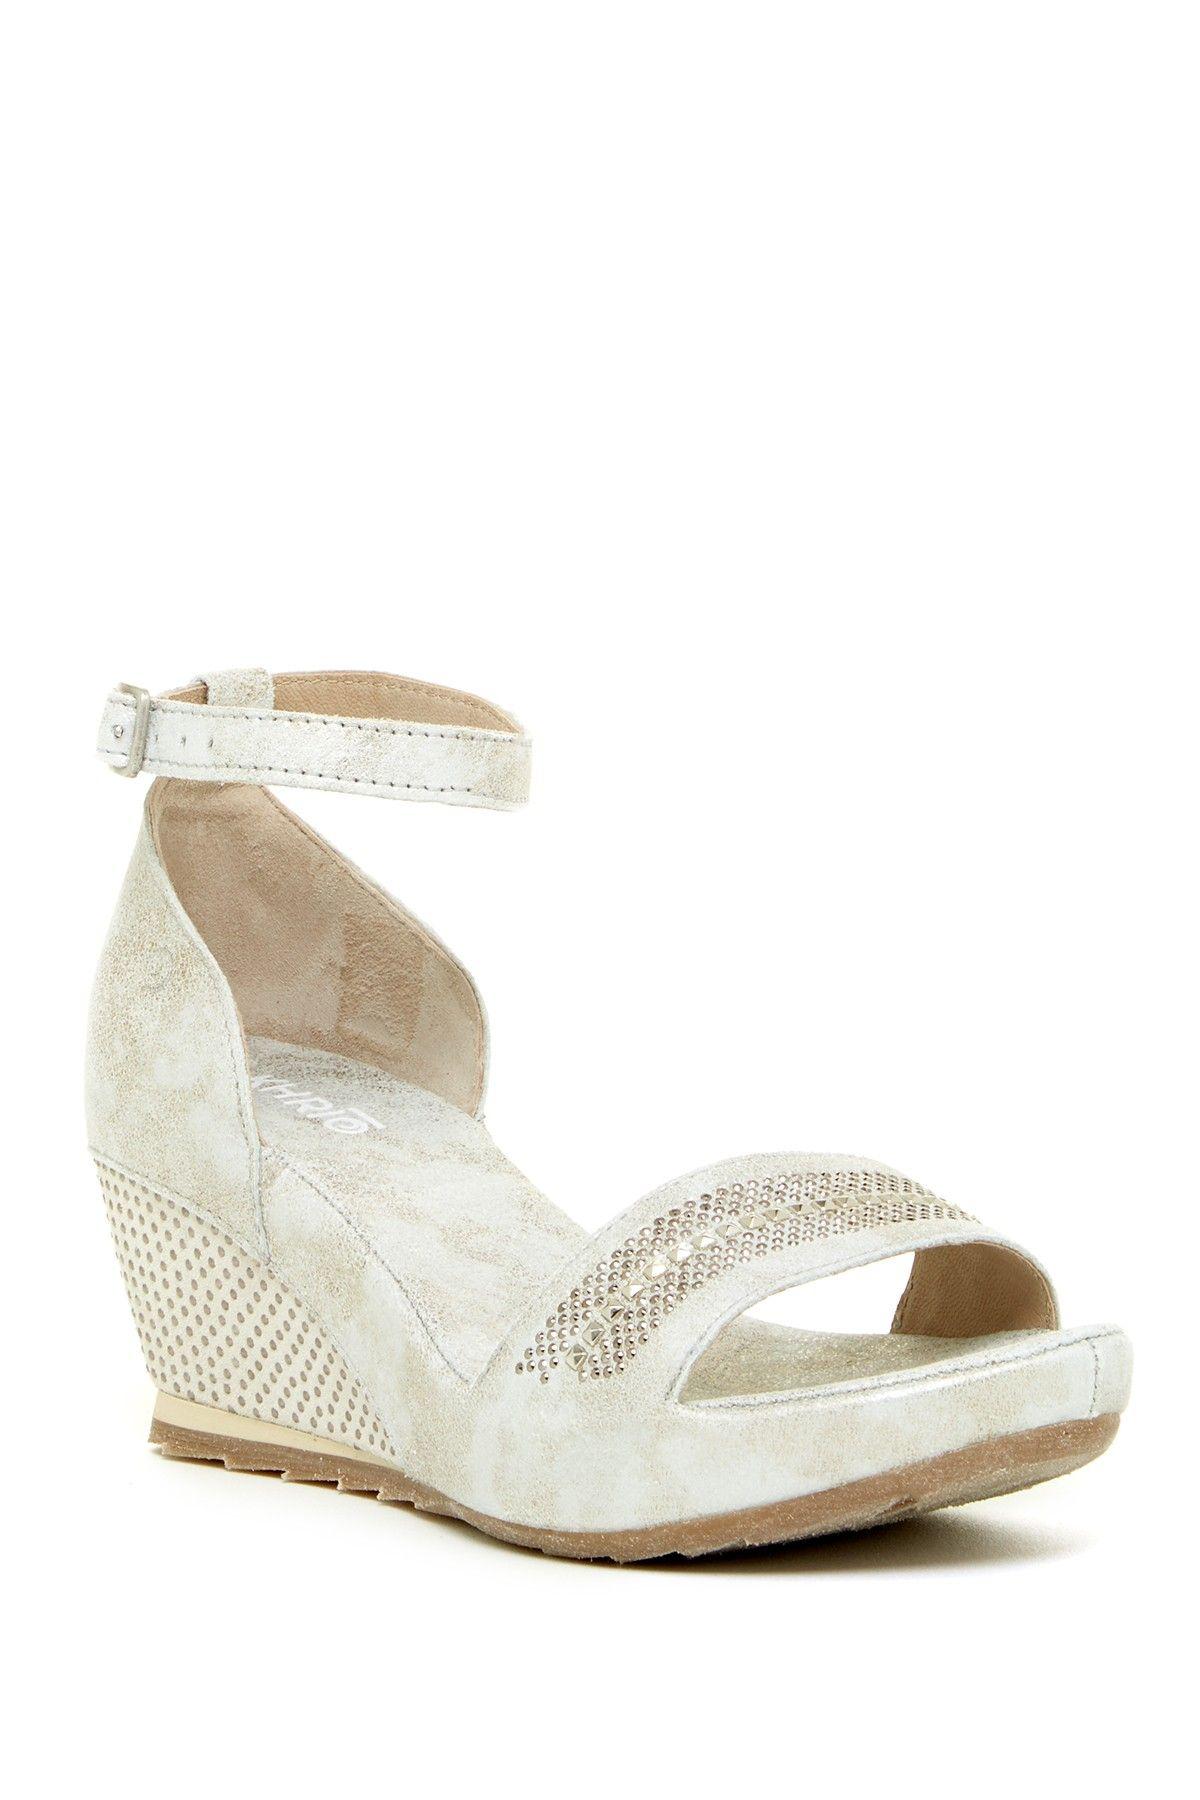 Khrio Studded Wedge Sandal 7PHNA5b1